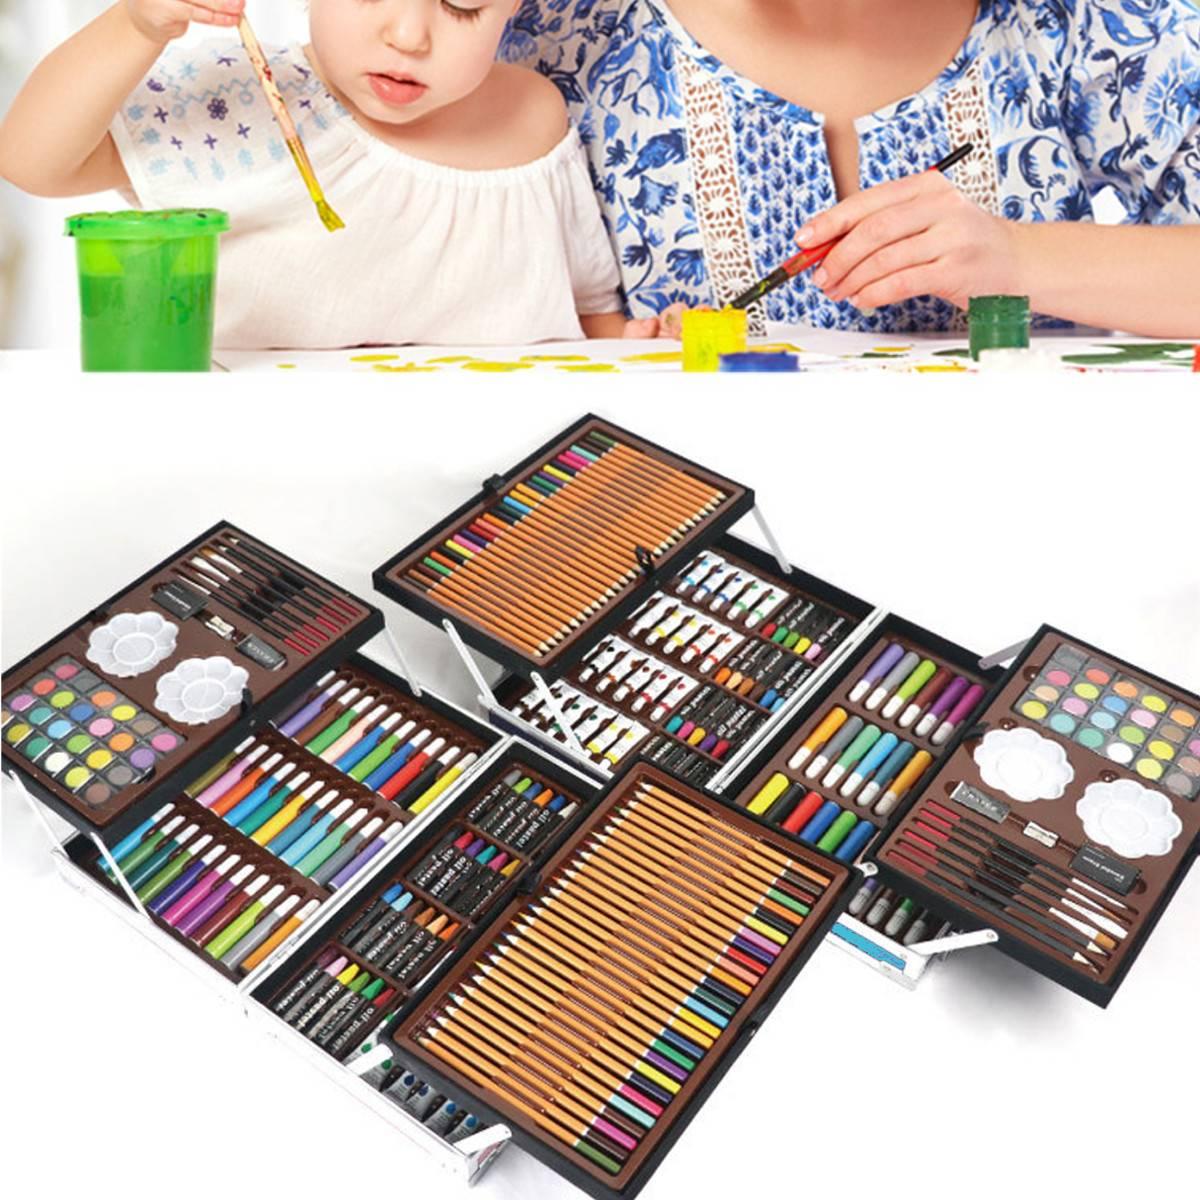 Artiste Coloré Crayons Ensembles Couleur Art Professionnel Croquis ensemble pour dessiner Coloration stylo de peinture kit de pinceaux avec Boîte En Bois Cadeau 145 pièces